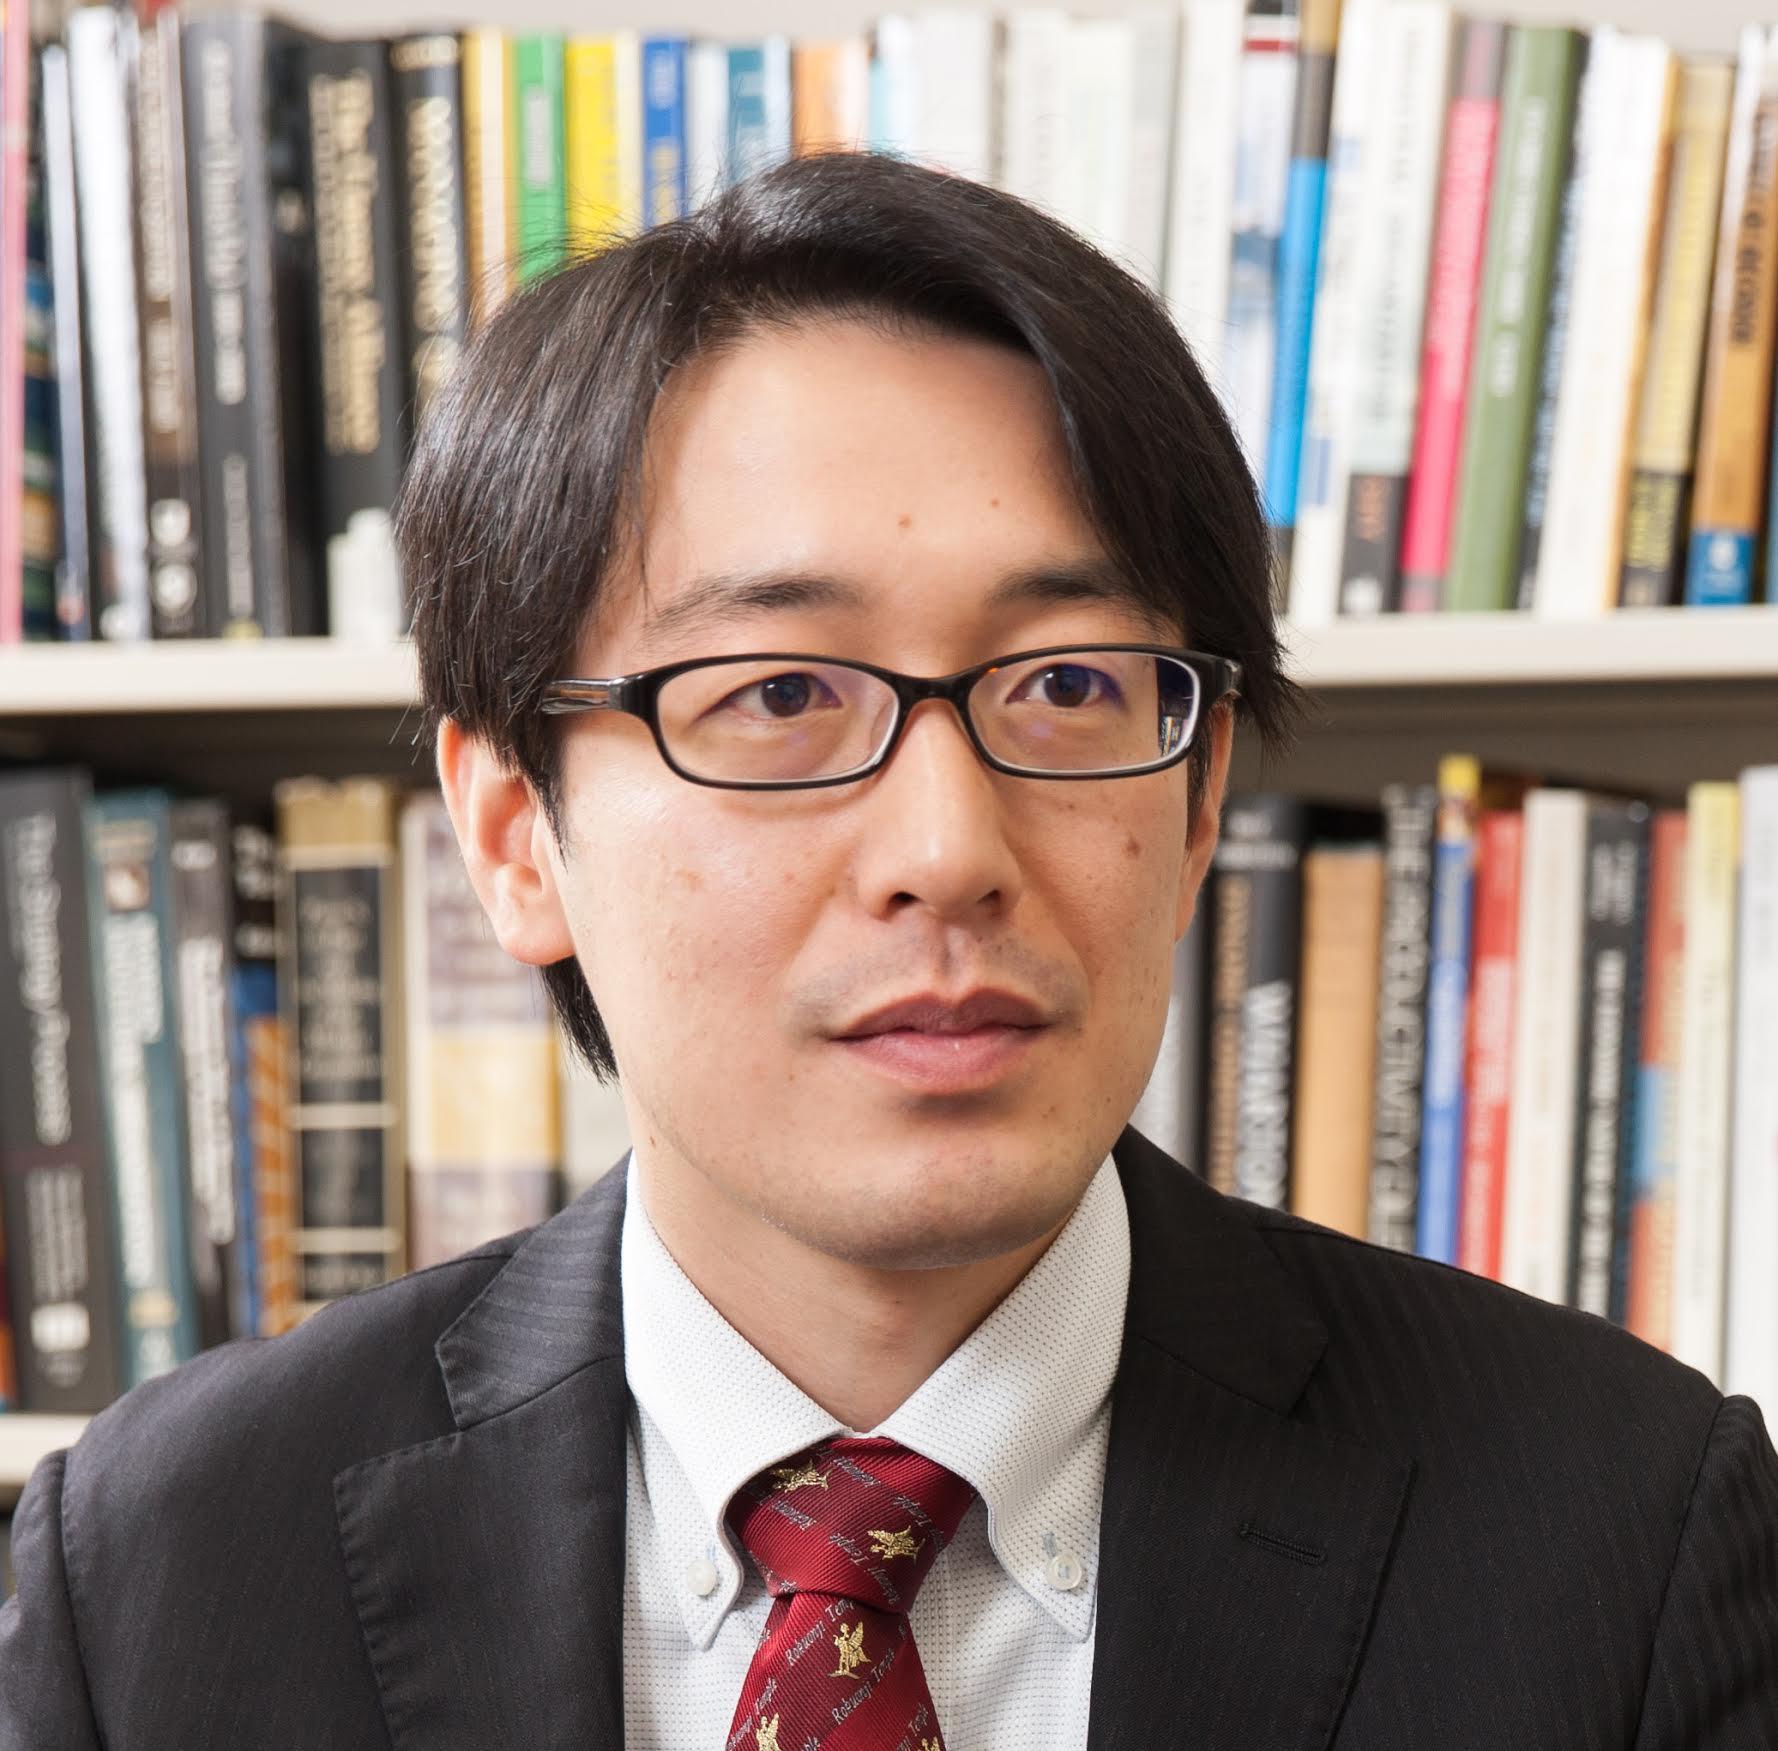 藤原 雅俊 Masatoshi FUJIWARA